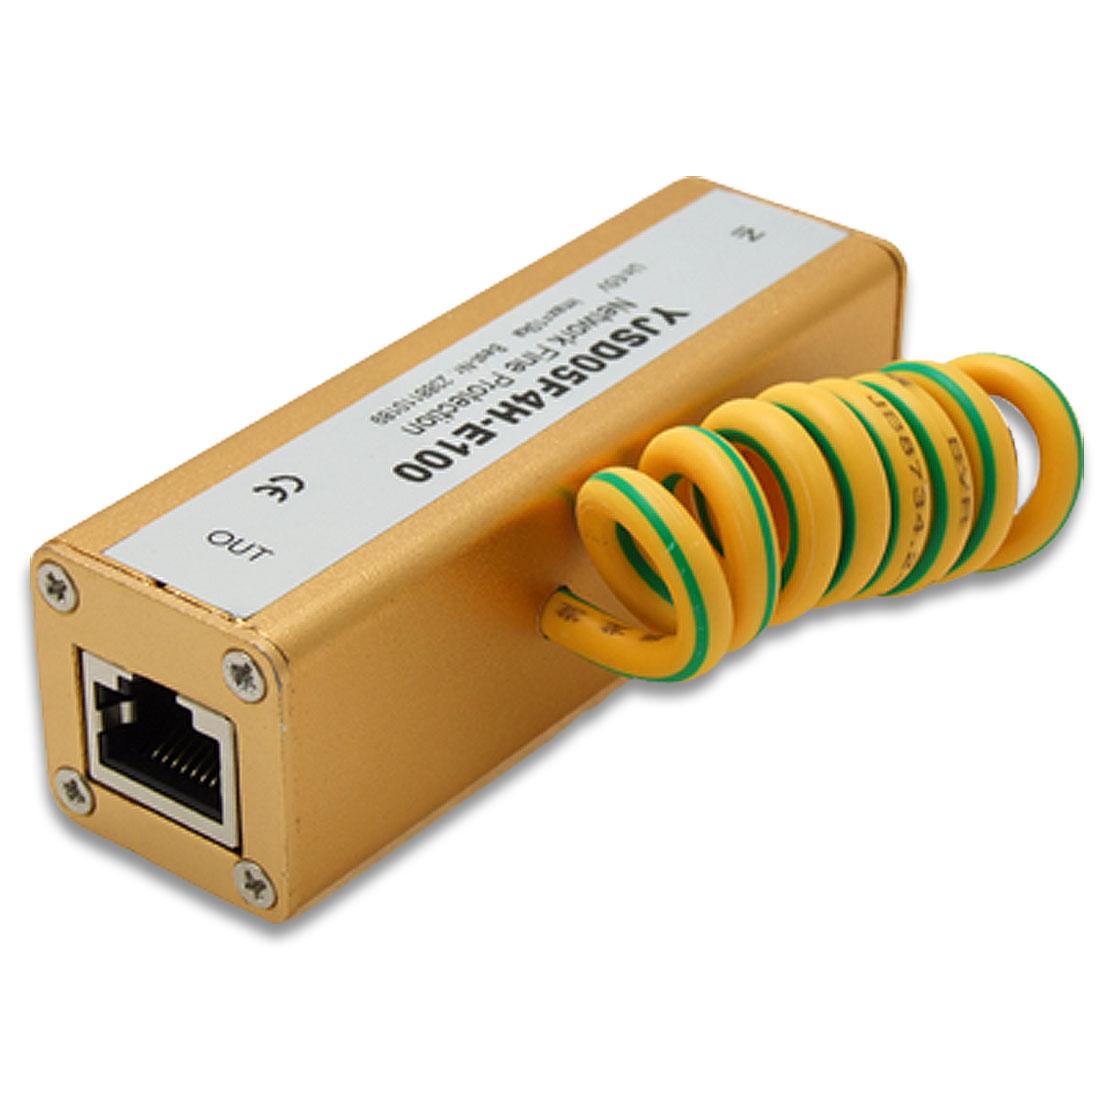 RJ45 Ethernet Network Thunder Lightning Arrester Surge Protector